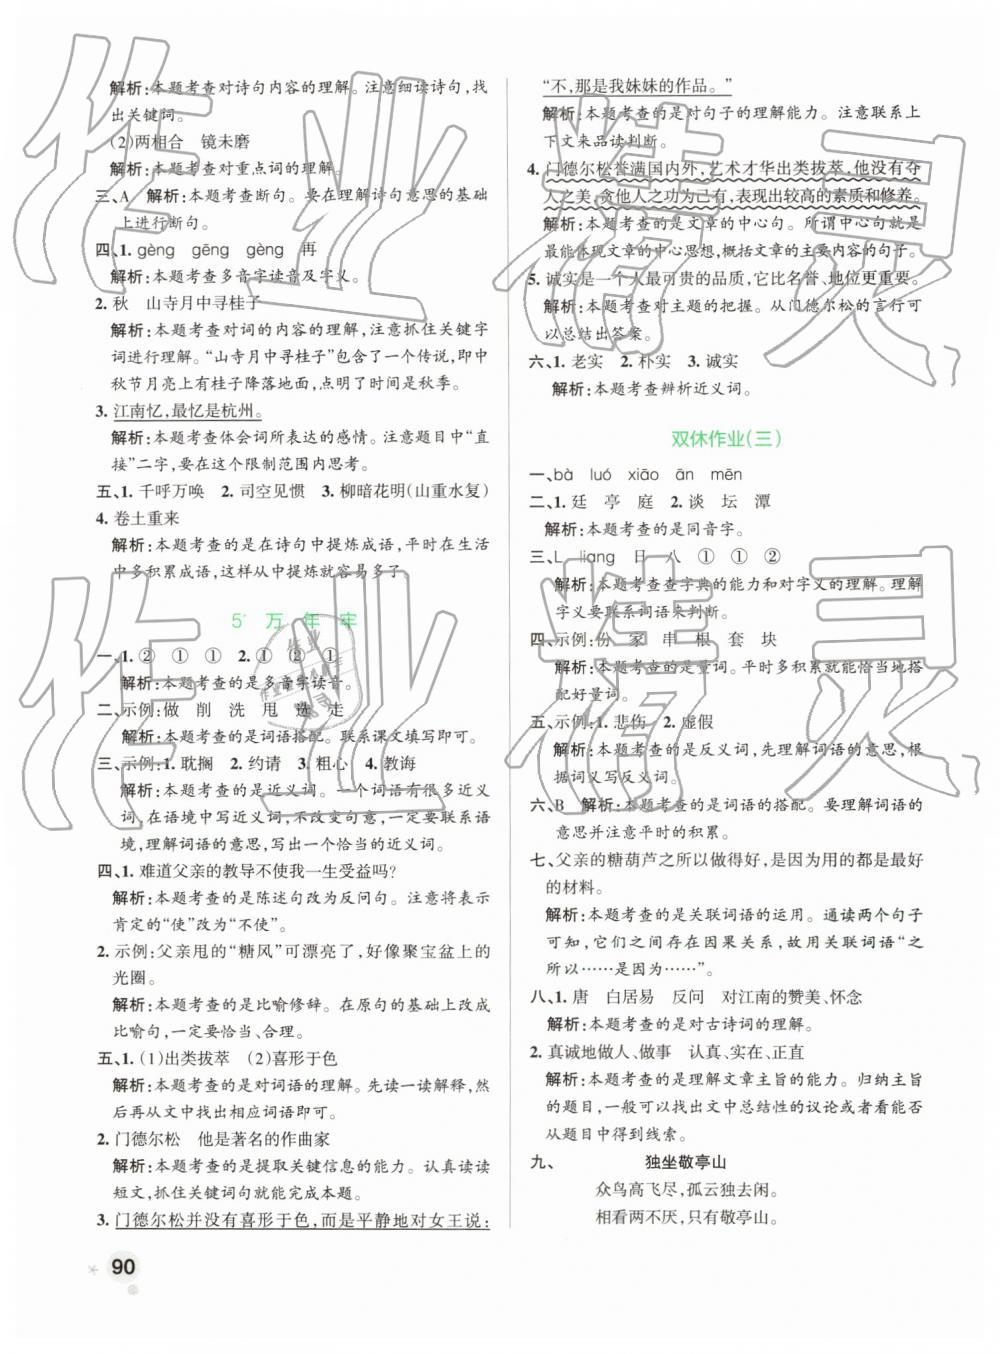 2019年人教学霸作业本四小学年级下册小学版v人教猫语文图片